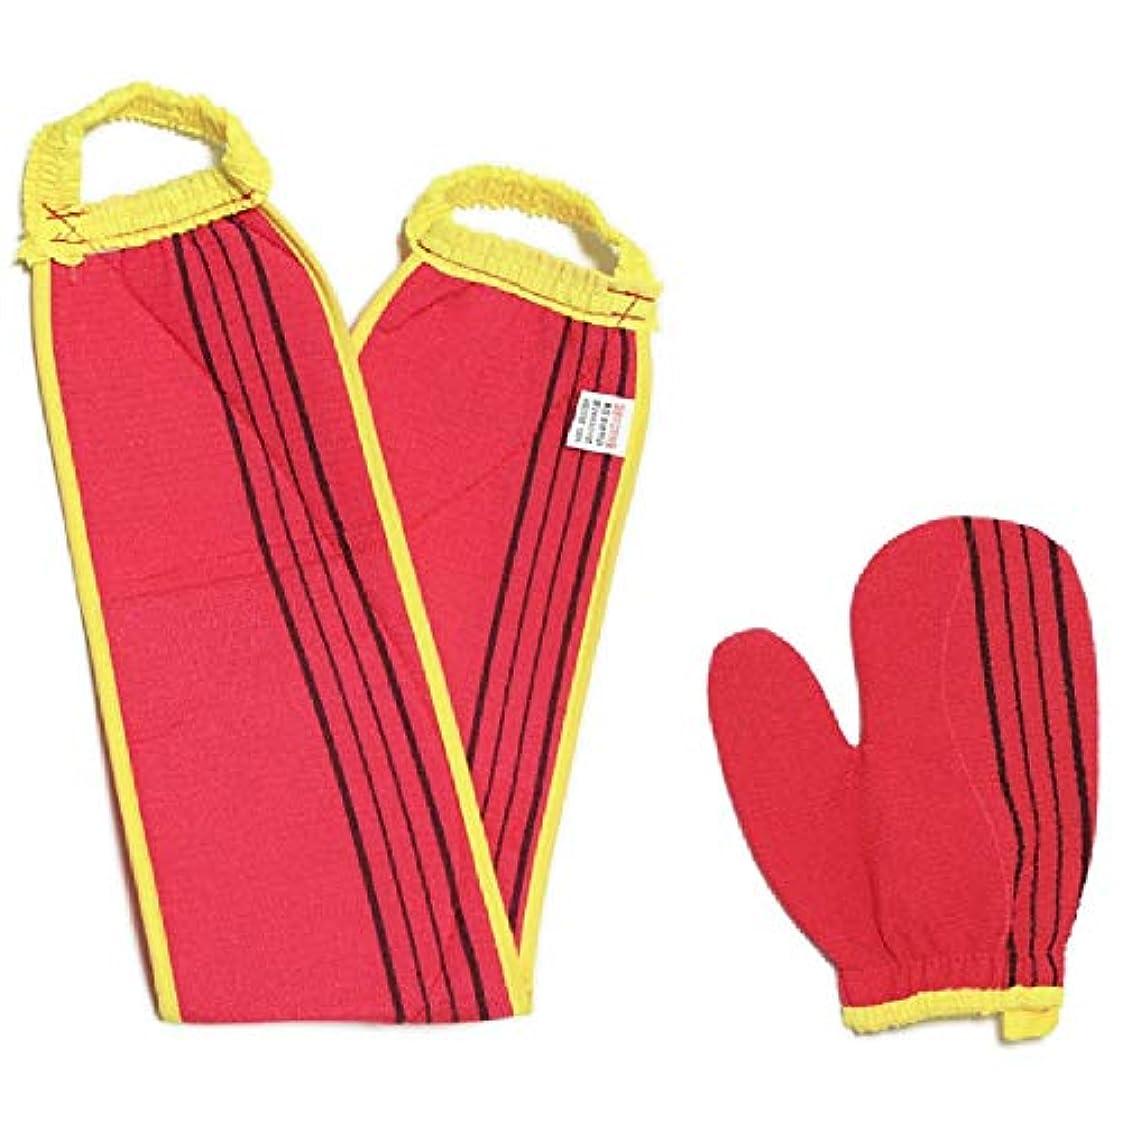 軍隊真鍮すべて(韓国ブランド)スポンジあかすりセット 全身あかすり 手袋と背中のあかすり 全身エステ 両面つばあかすり お風呂グッズ ボディタオル ボディースポンジ (赤色セット)